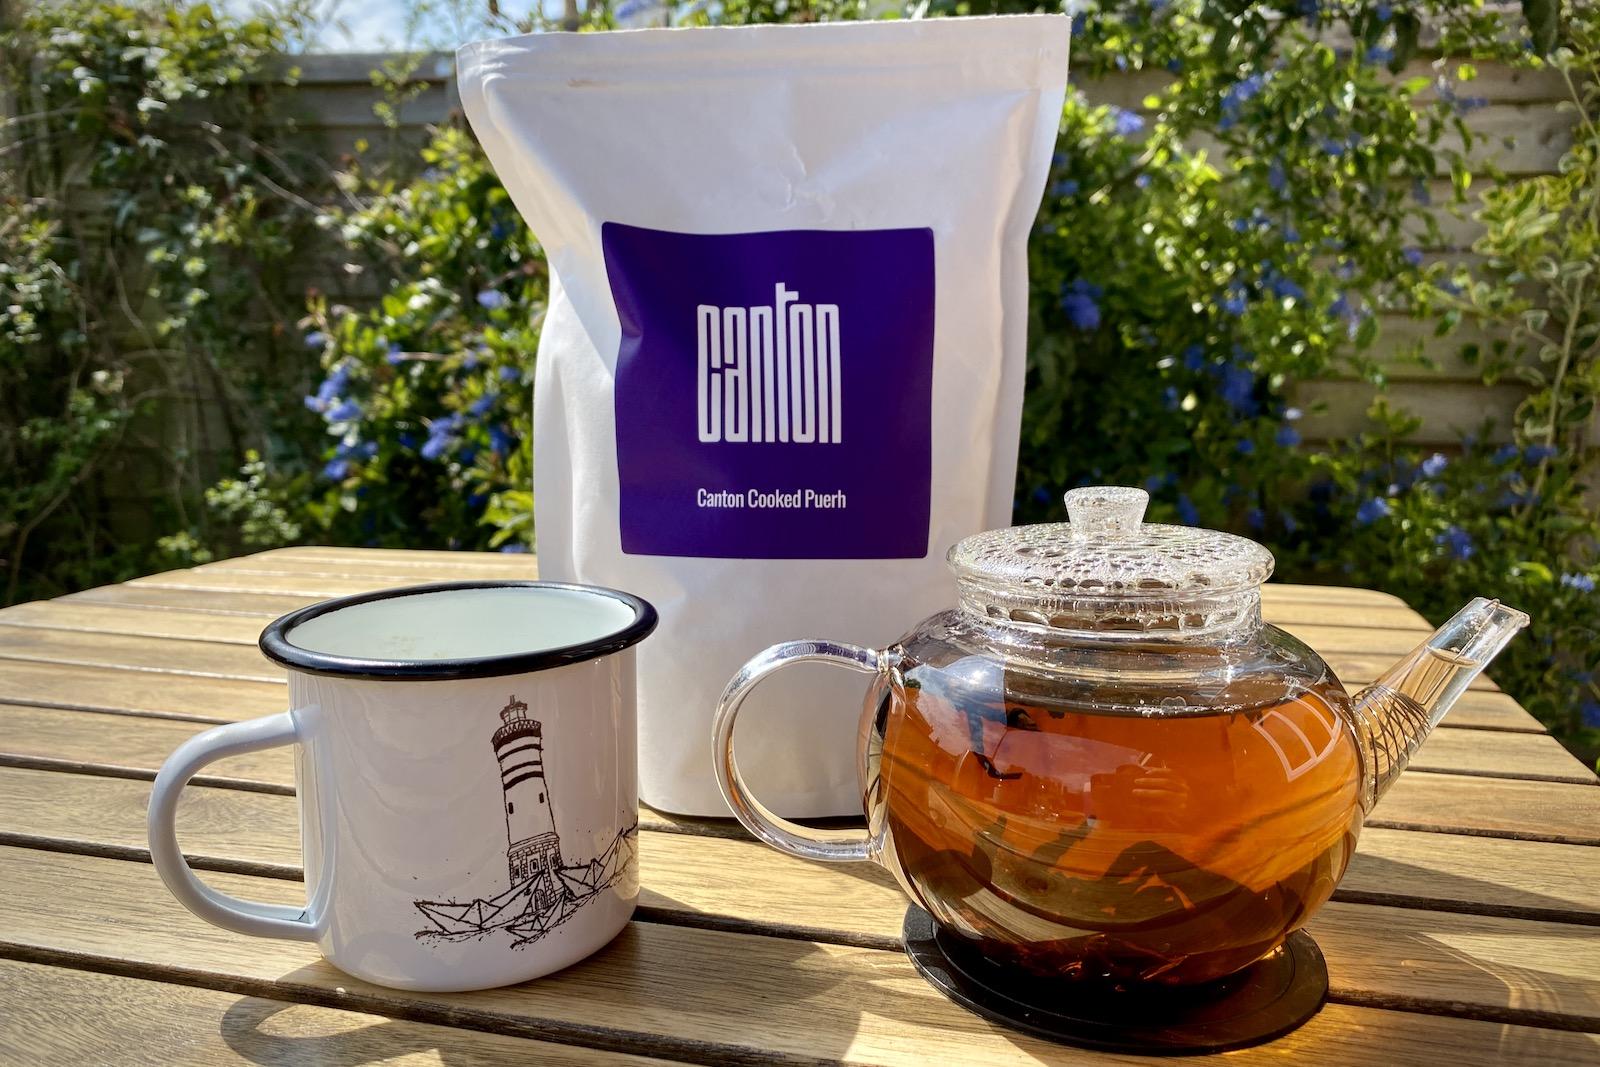 Canton Tea